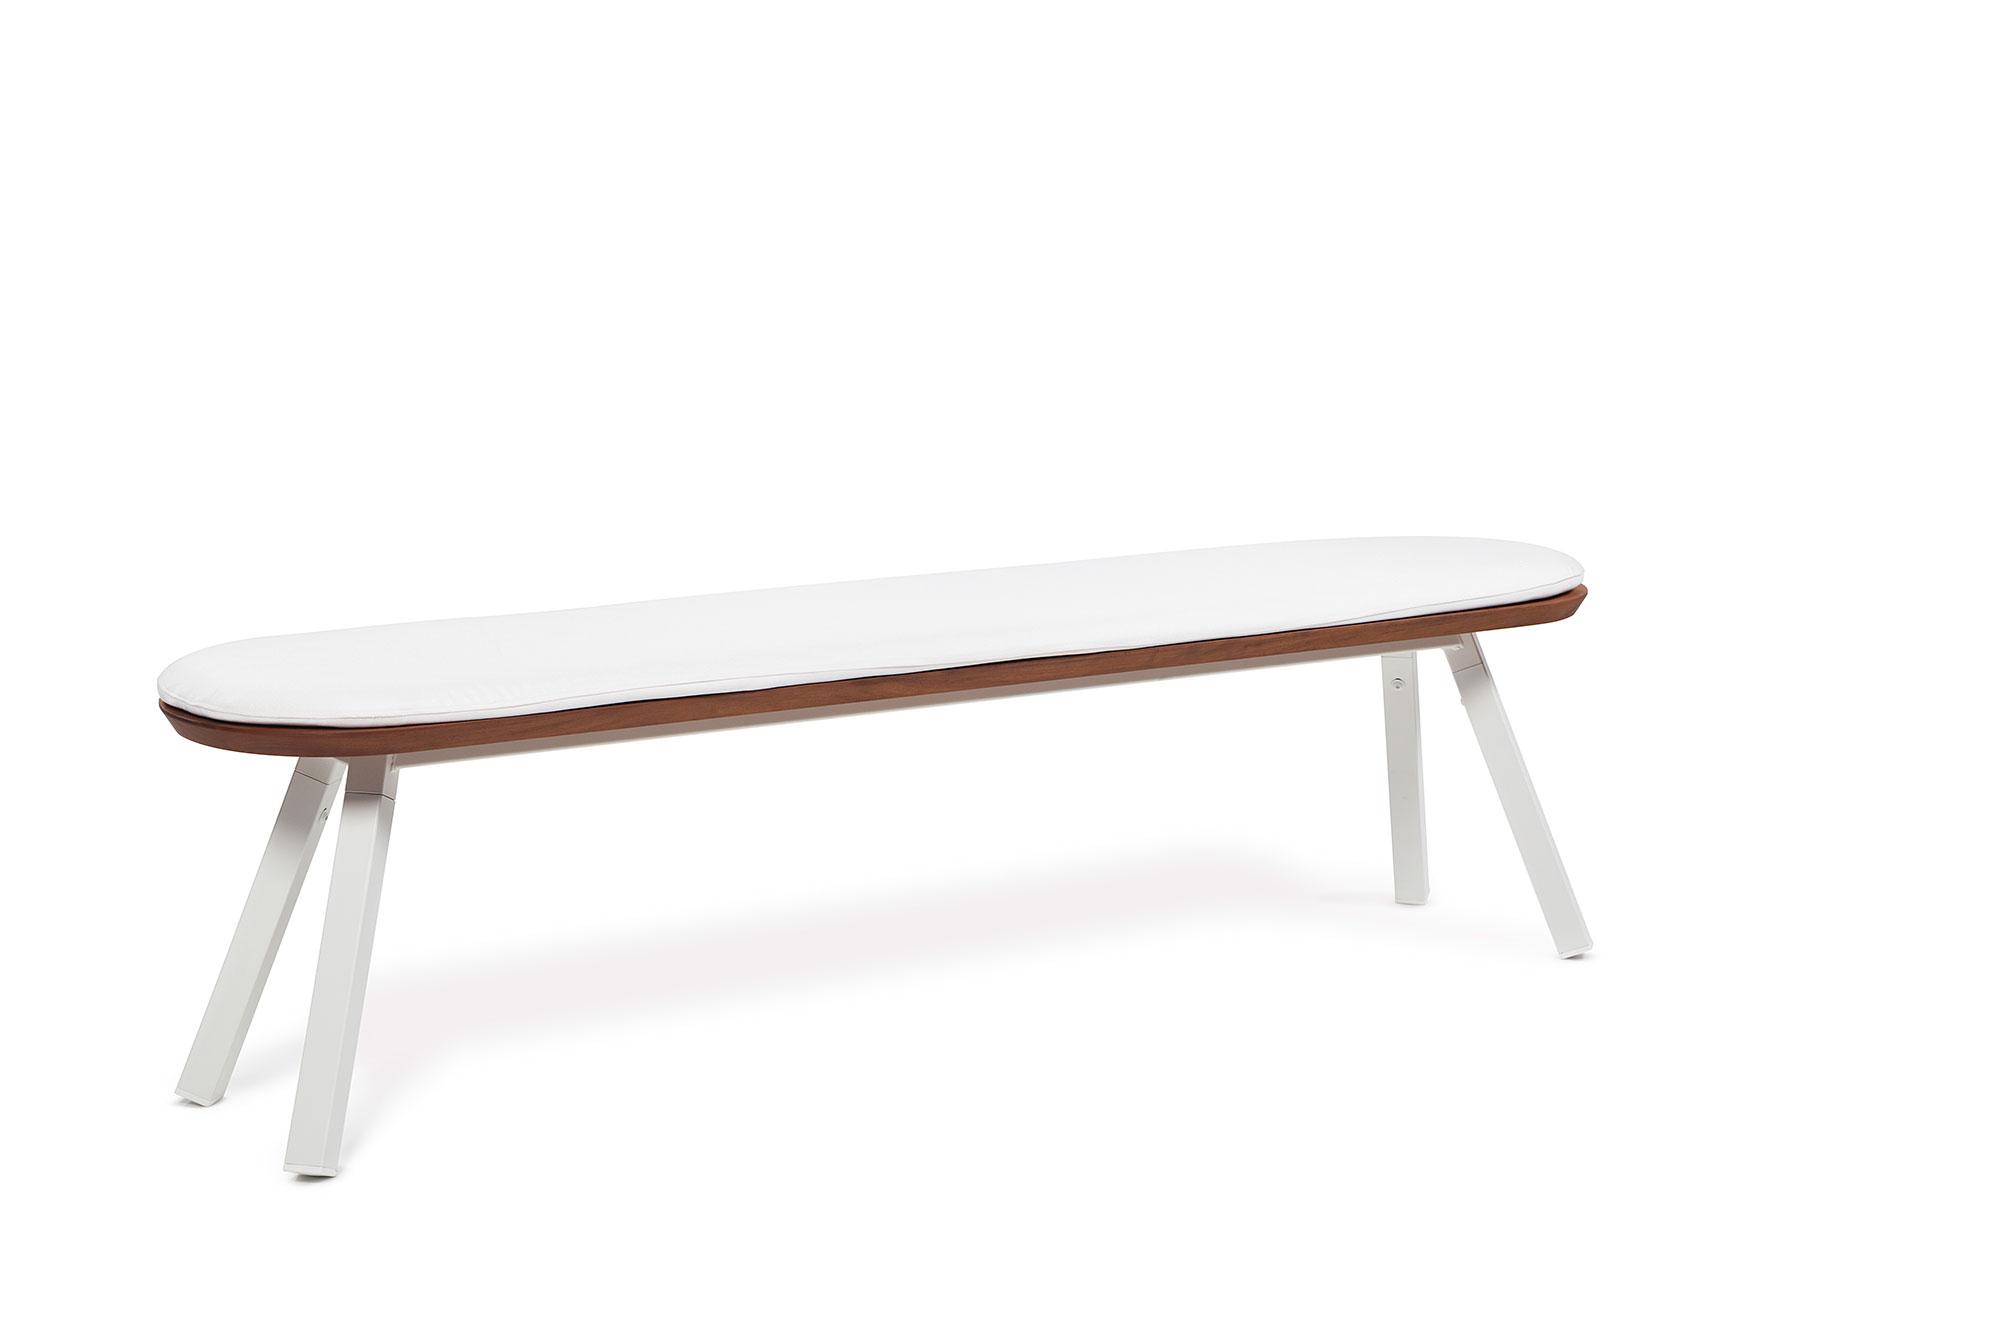 """Sitzkissen zur Sitzbank 180 cm """"In- & Outdoor"""" - Design YM von RS Barcelona"""